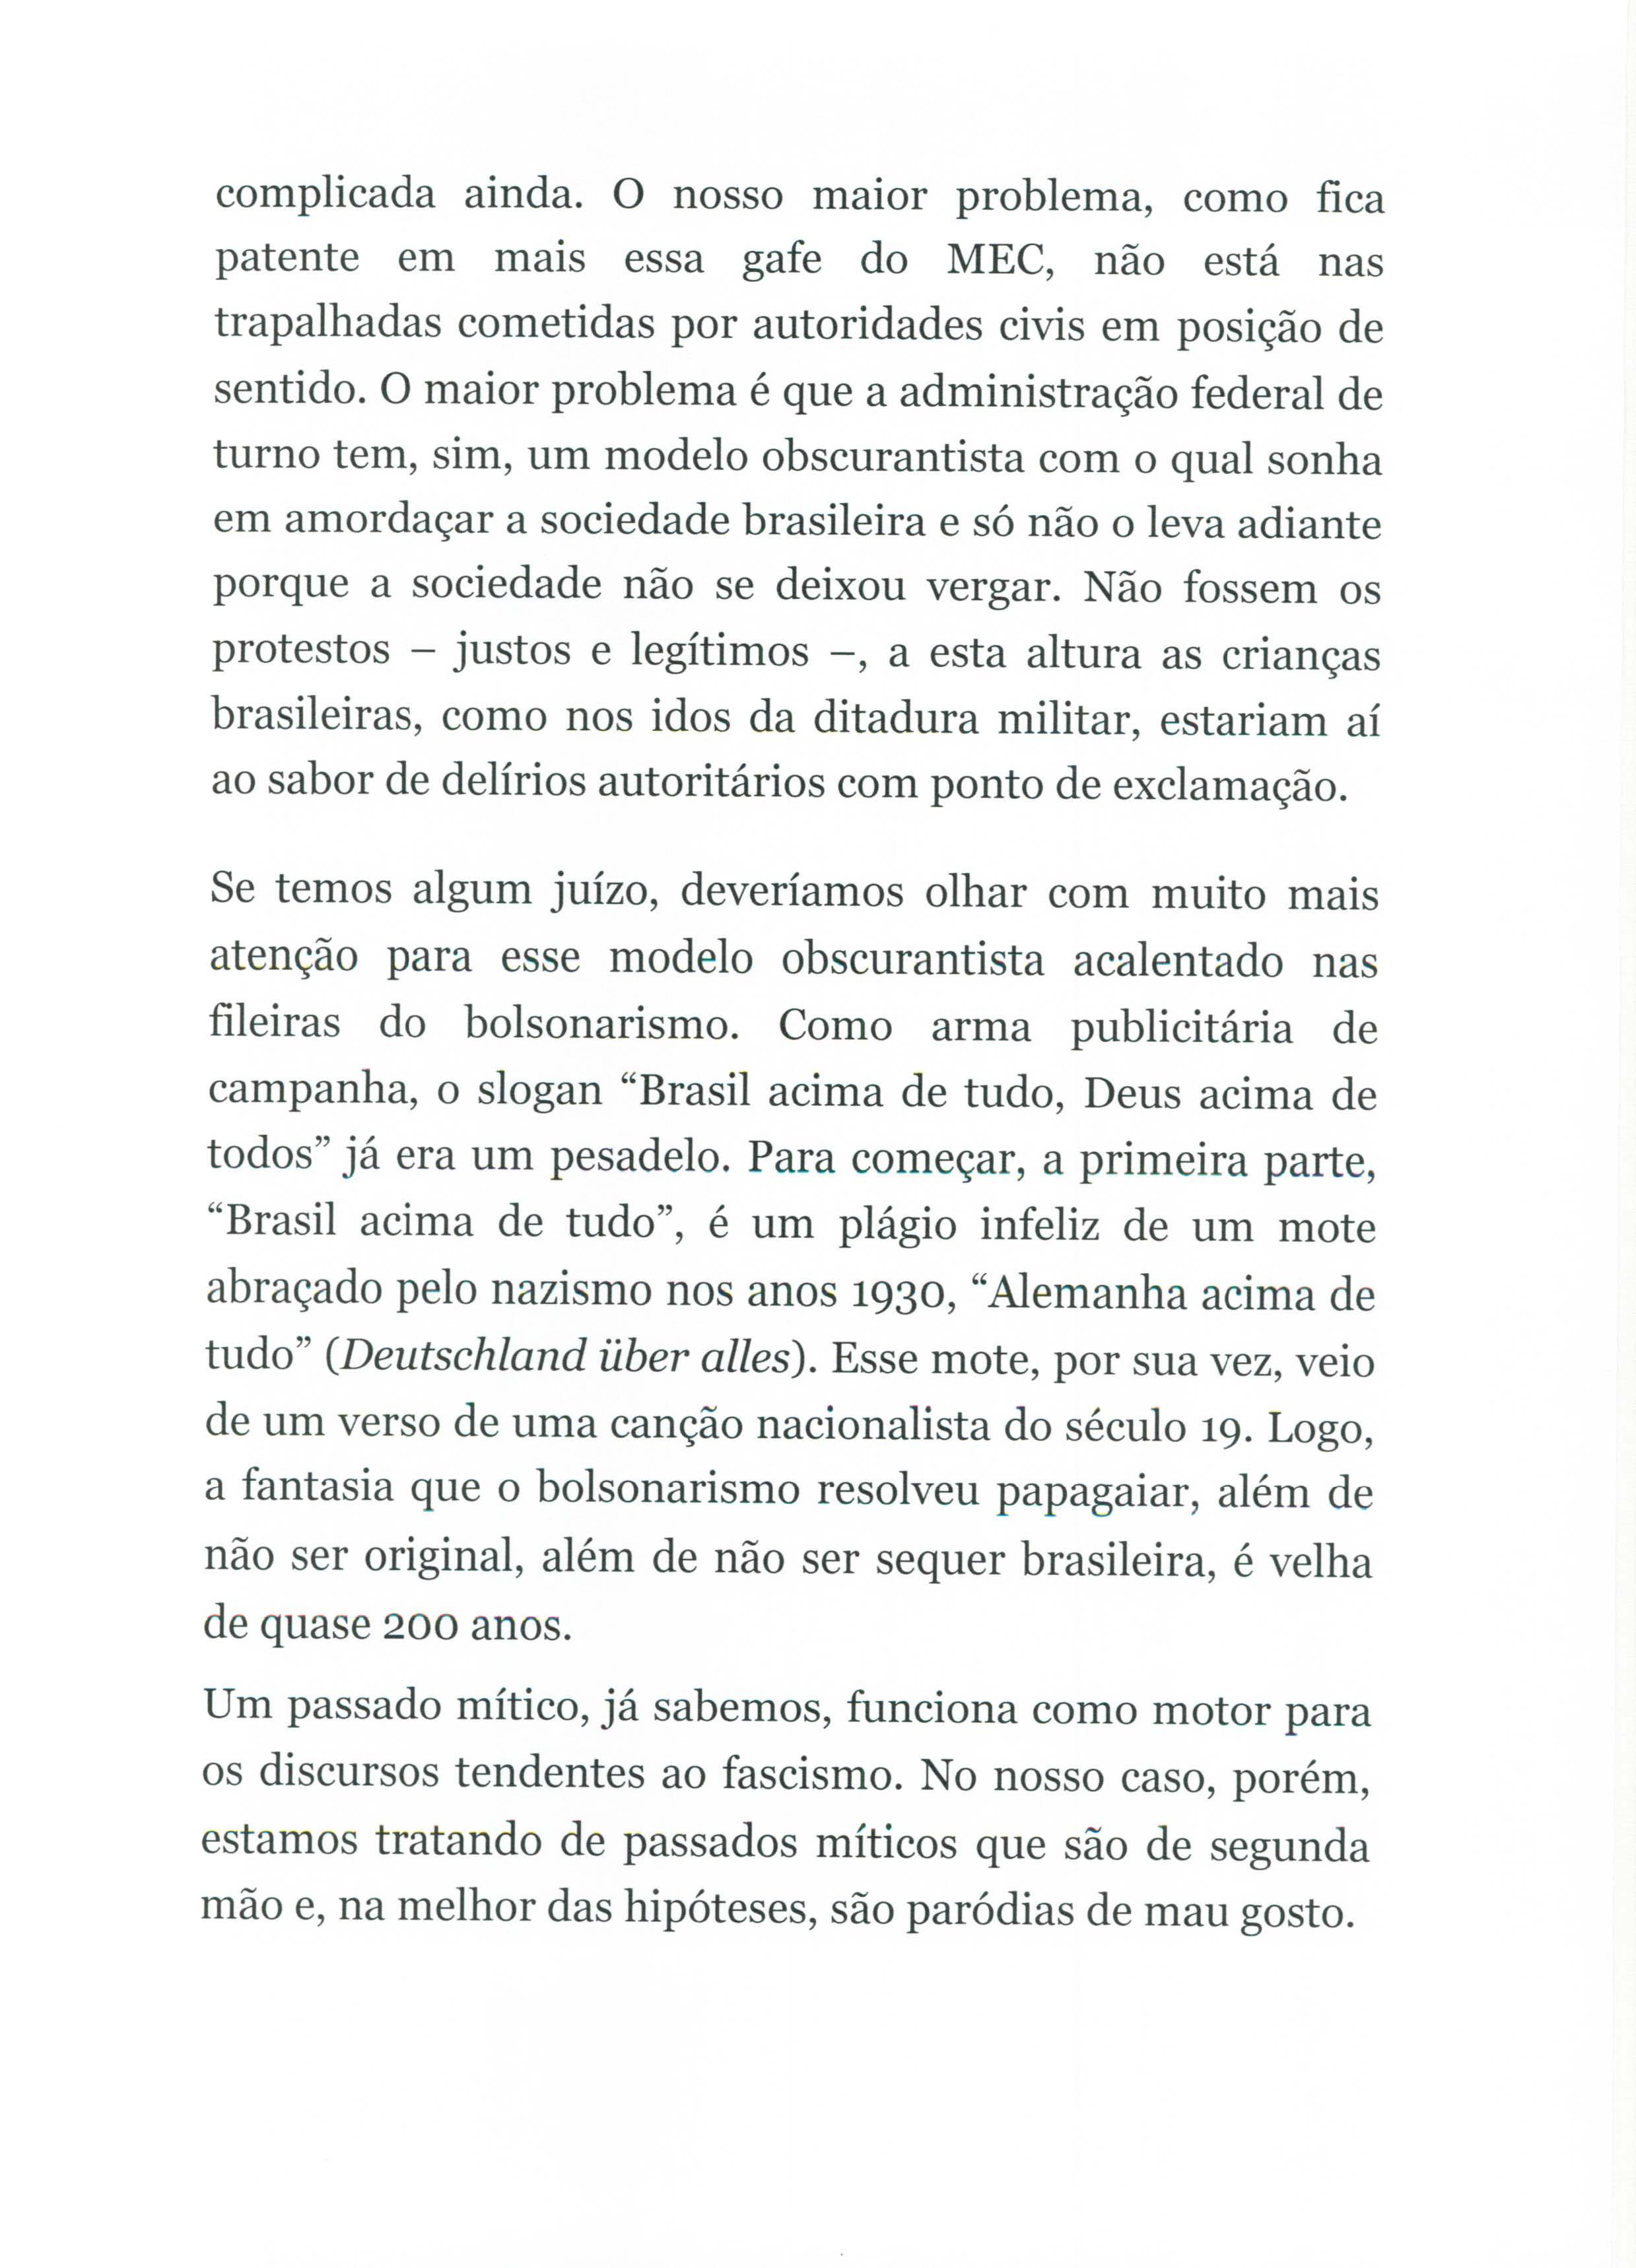 ARTIGO EUGÊNIO BUCCI-3